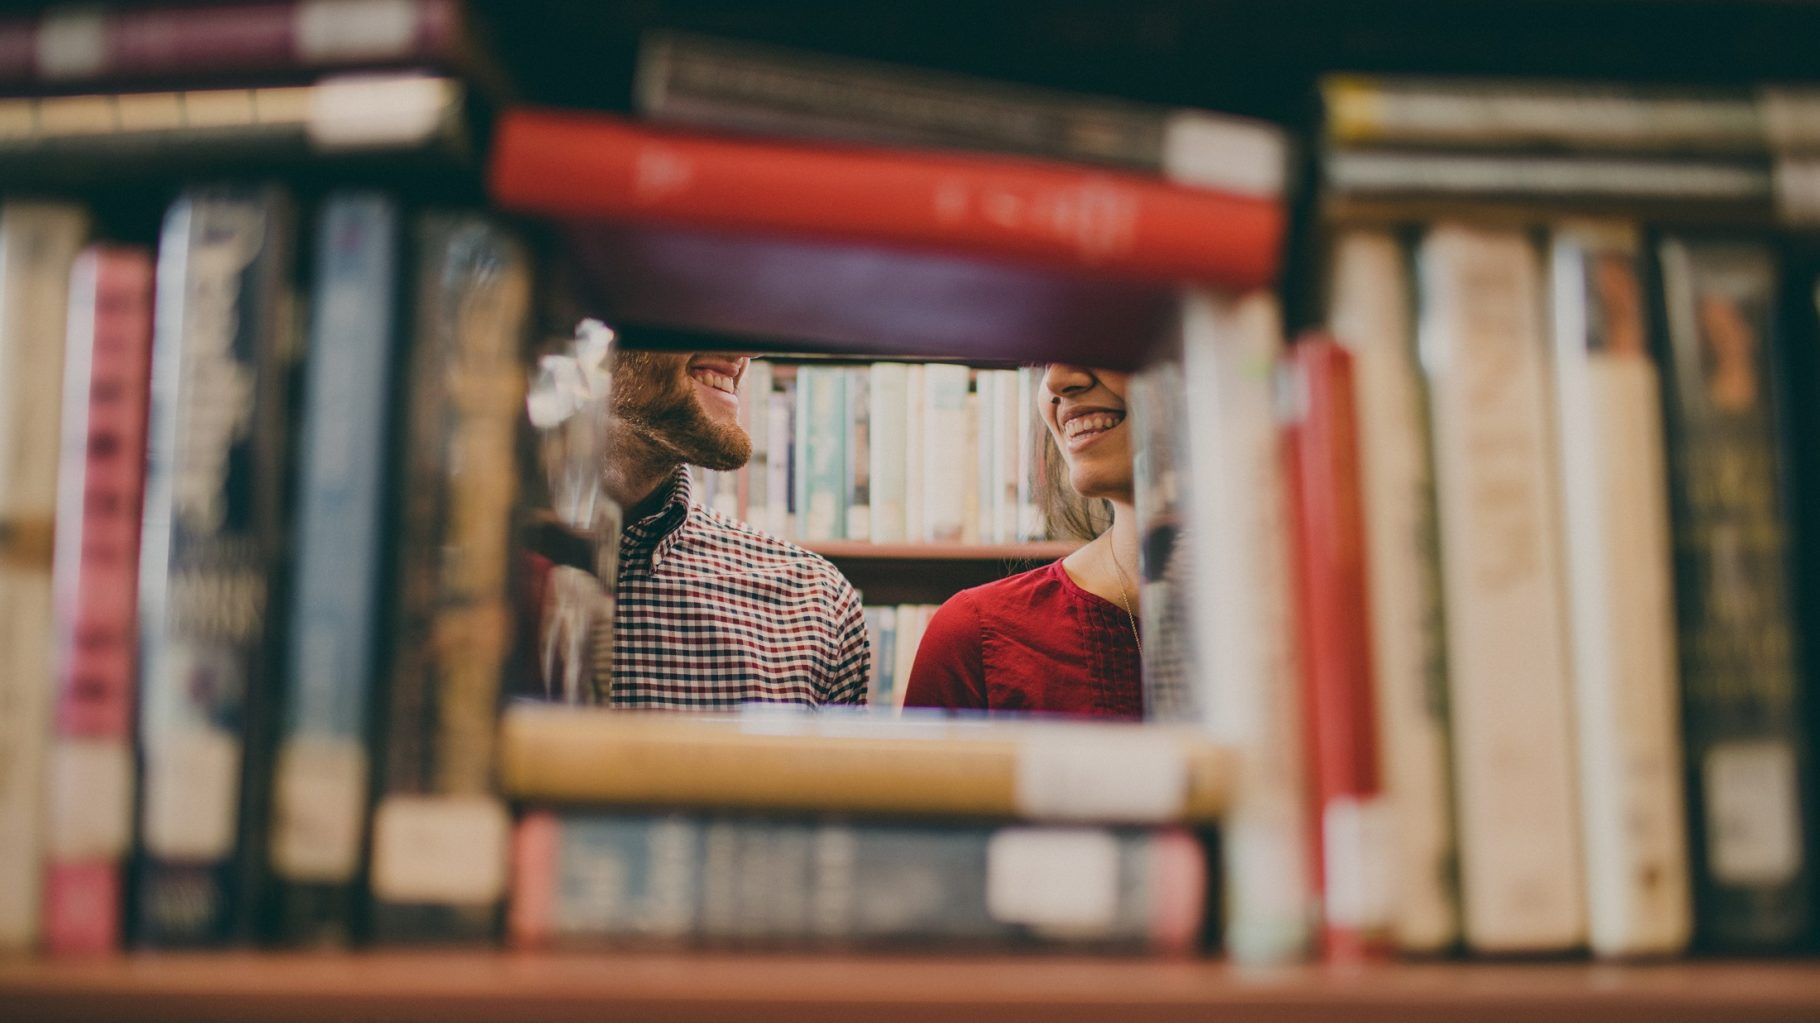 Meilleurs livres confiance en soi